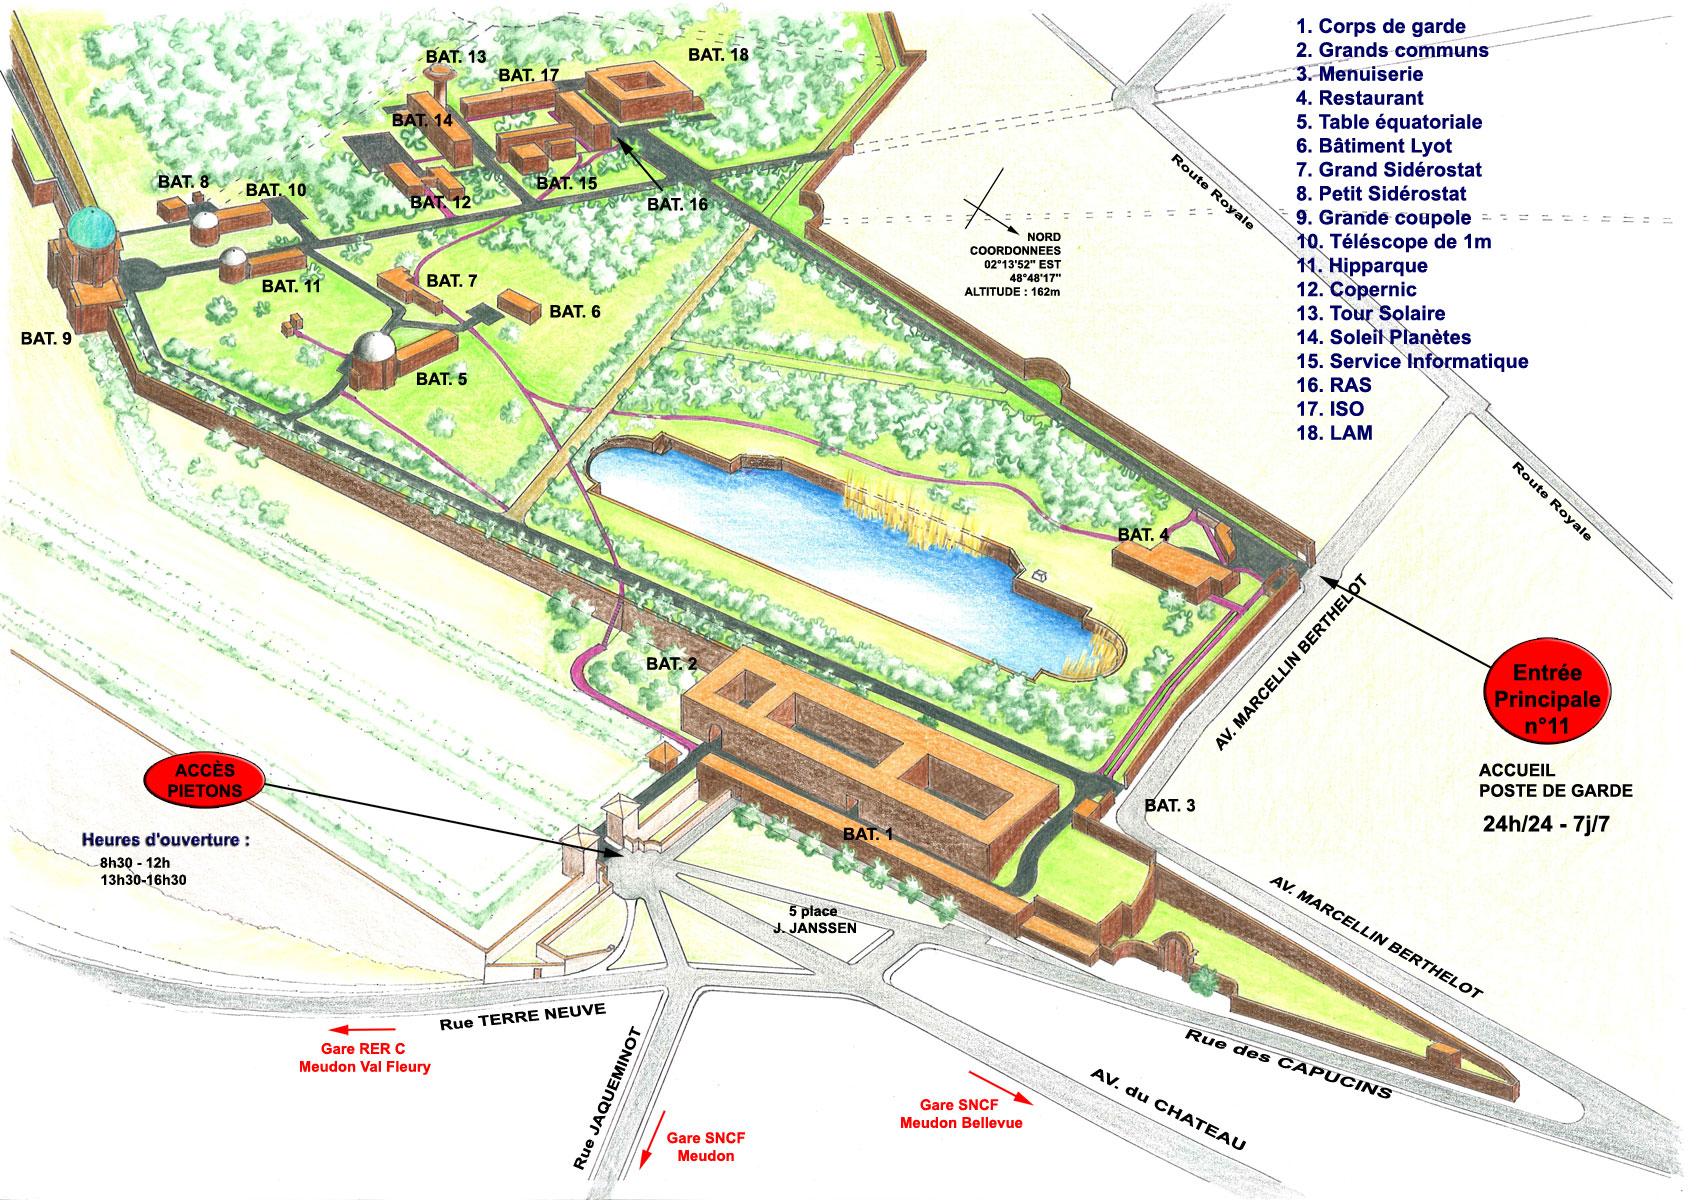 plan du site de Meudon